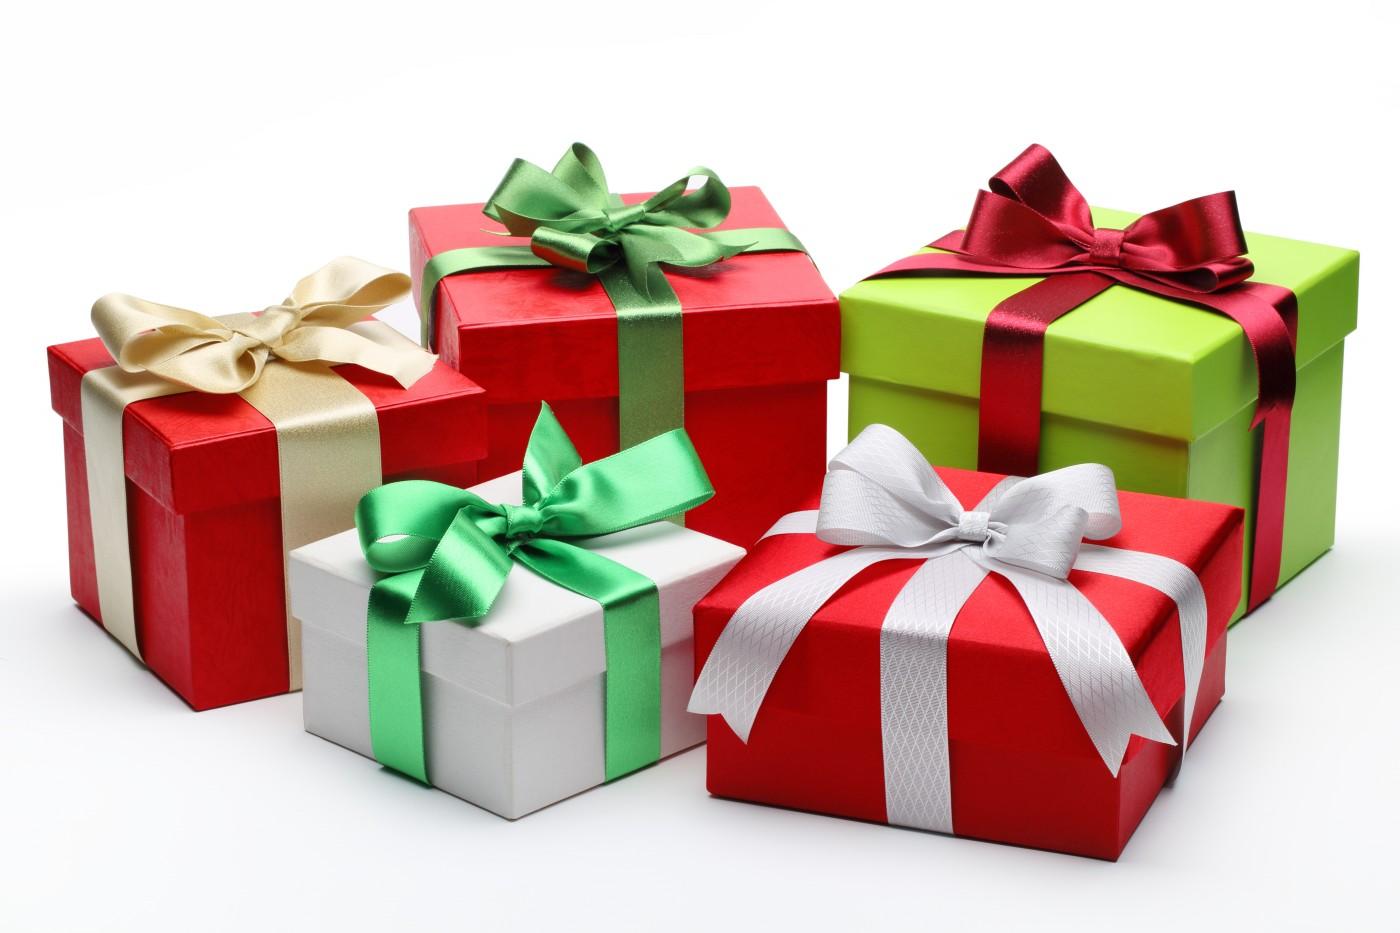 چه هدیه ای بخریم؟--درست مصرف کنیم - آموزش همگانی - آگاهی مصرف